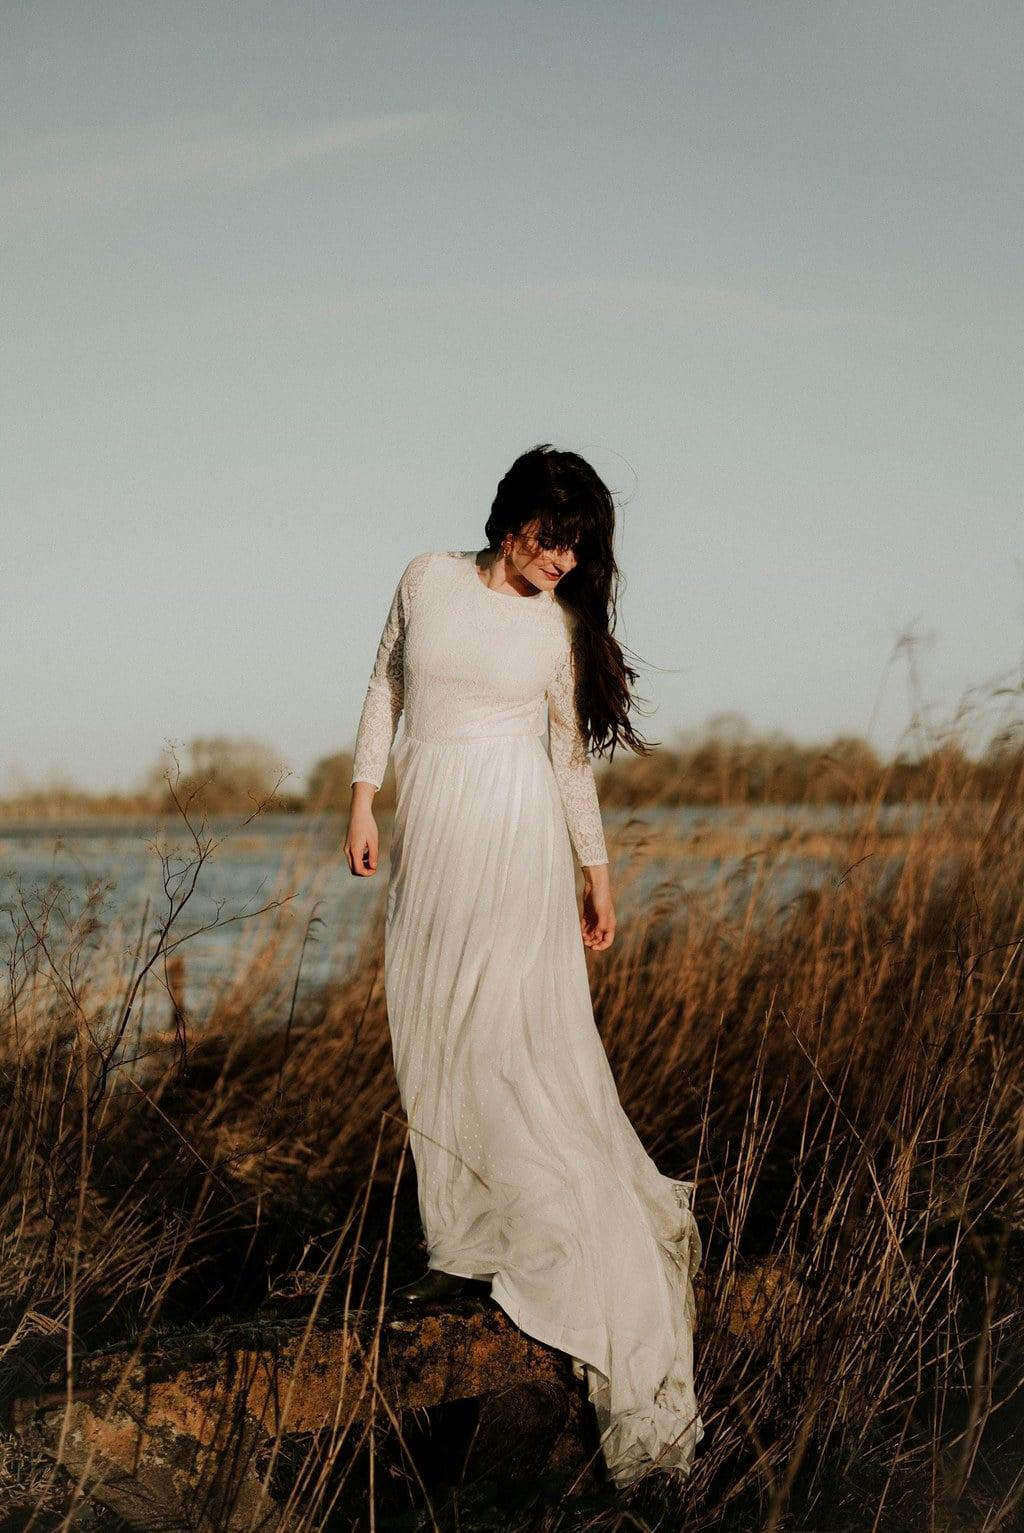 Robe de mariée bohème en dentelle fleurie et plumetis - Nantes